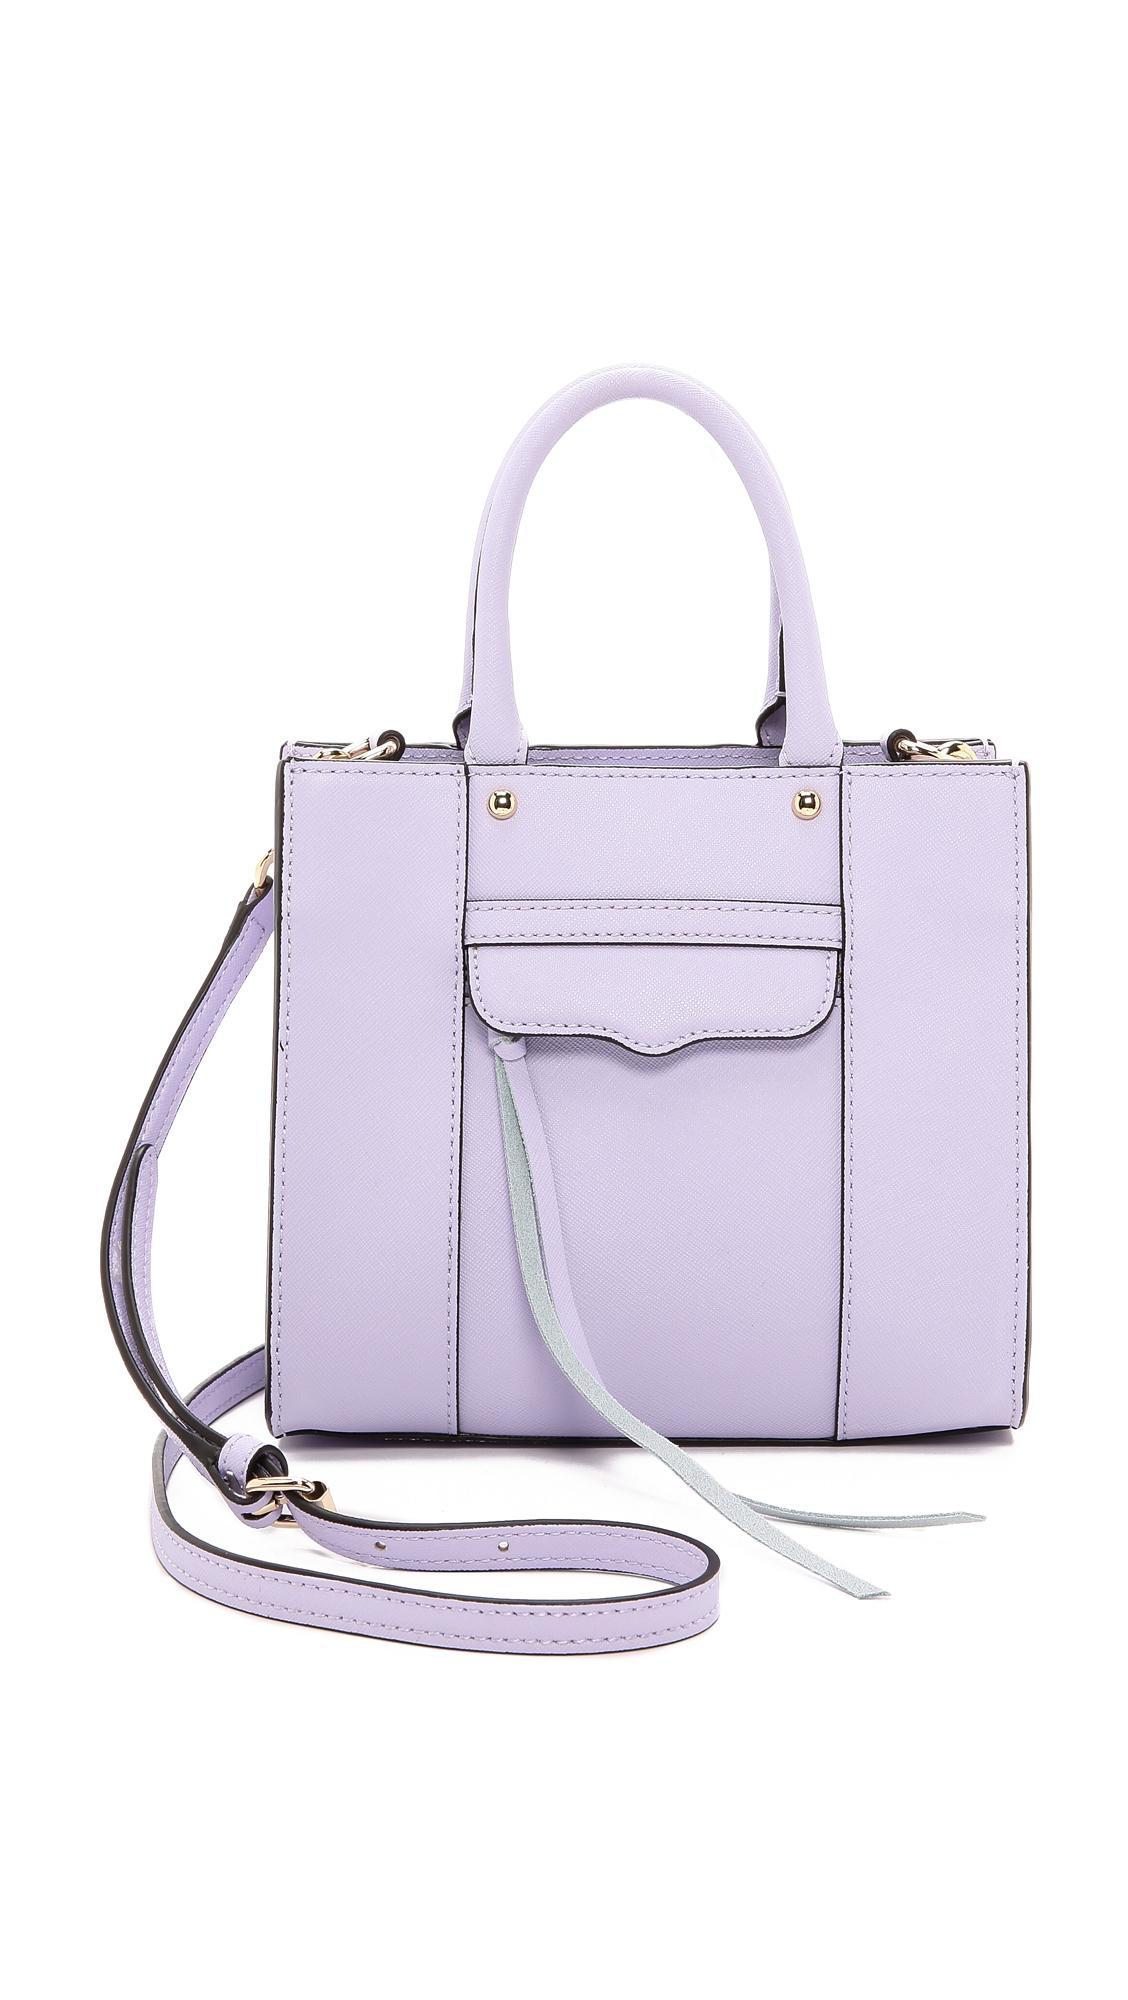 Rebecca Minkoff Leather Rebecca Minkoff - Lilac in Purple